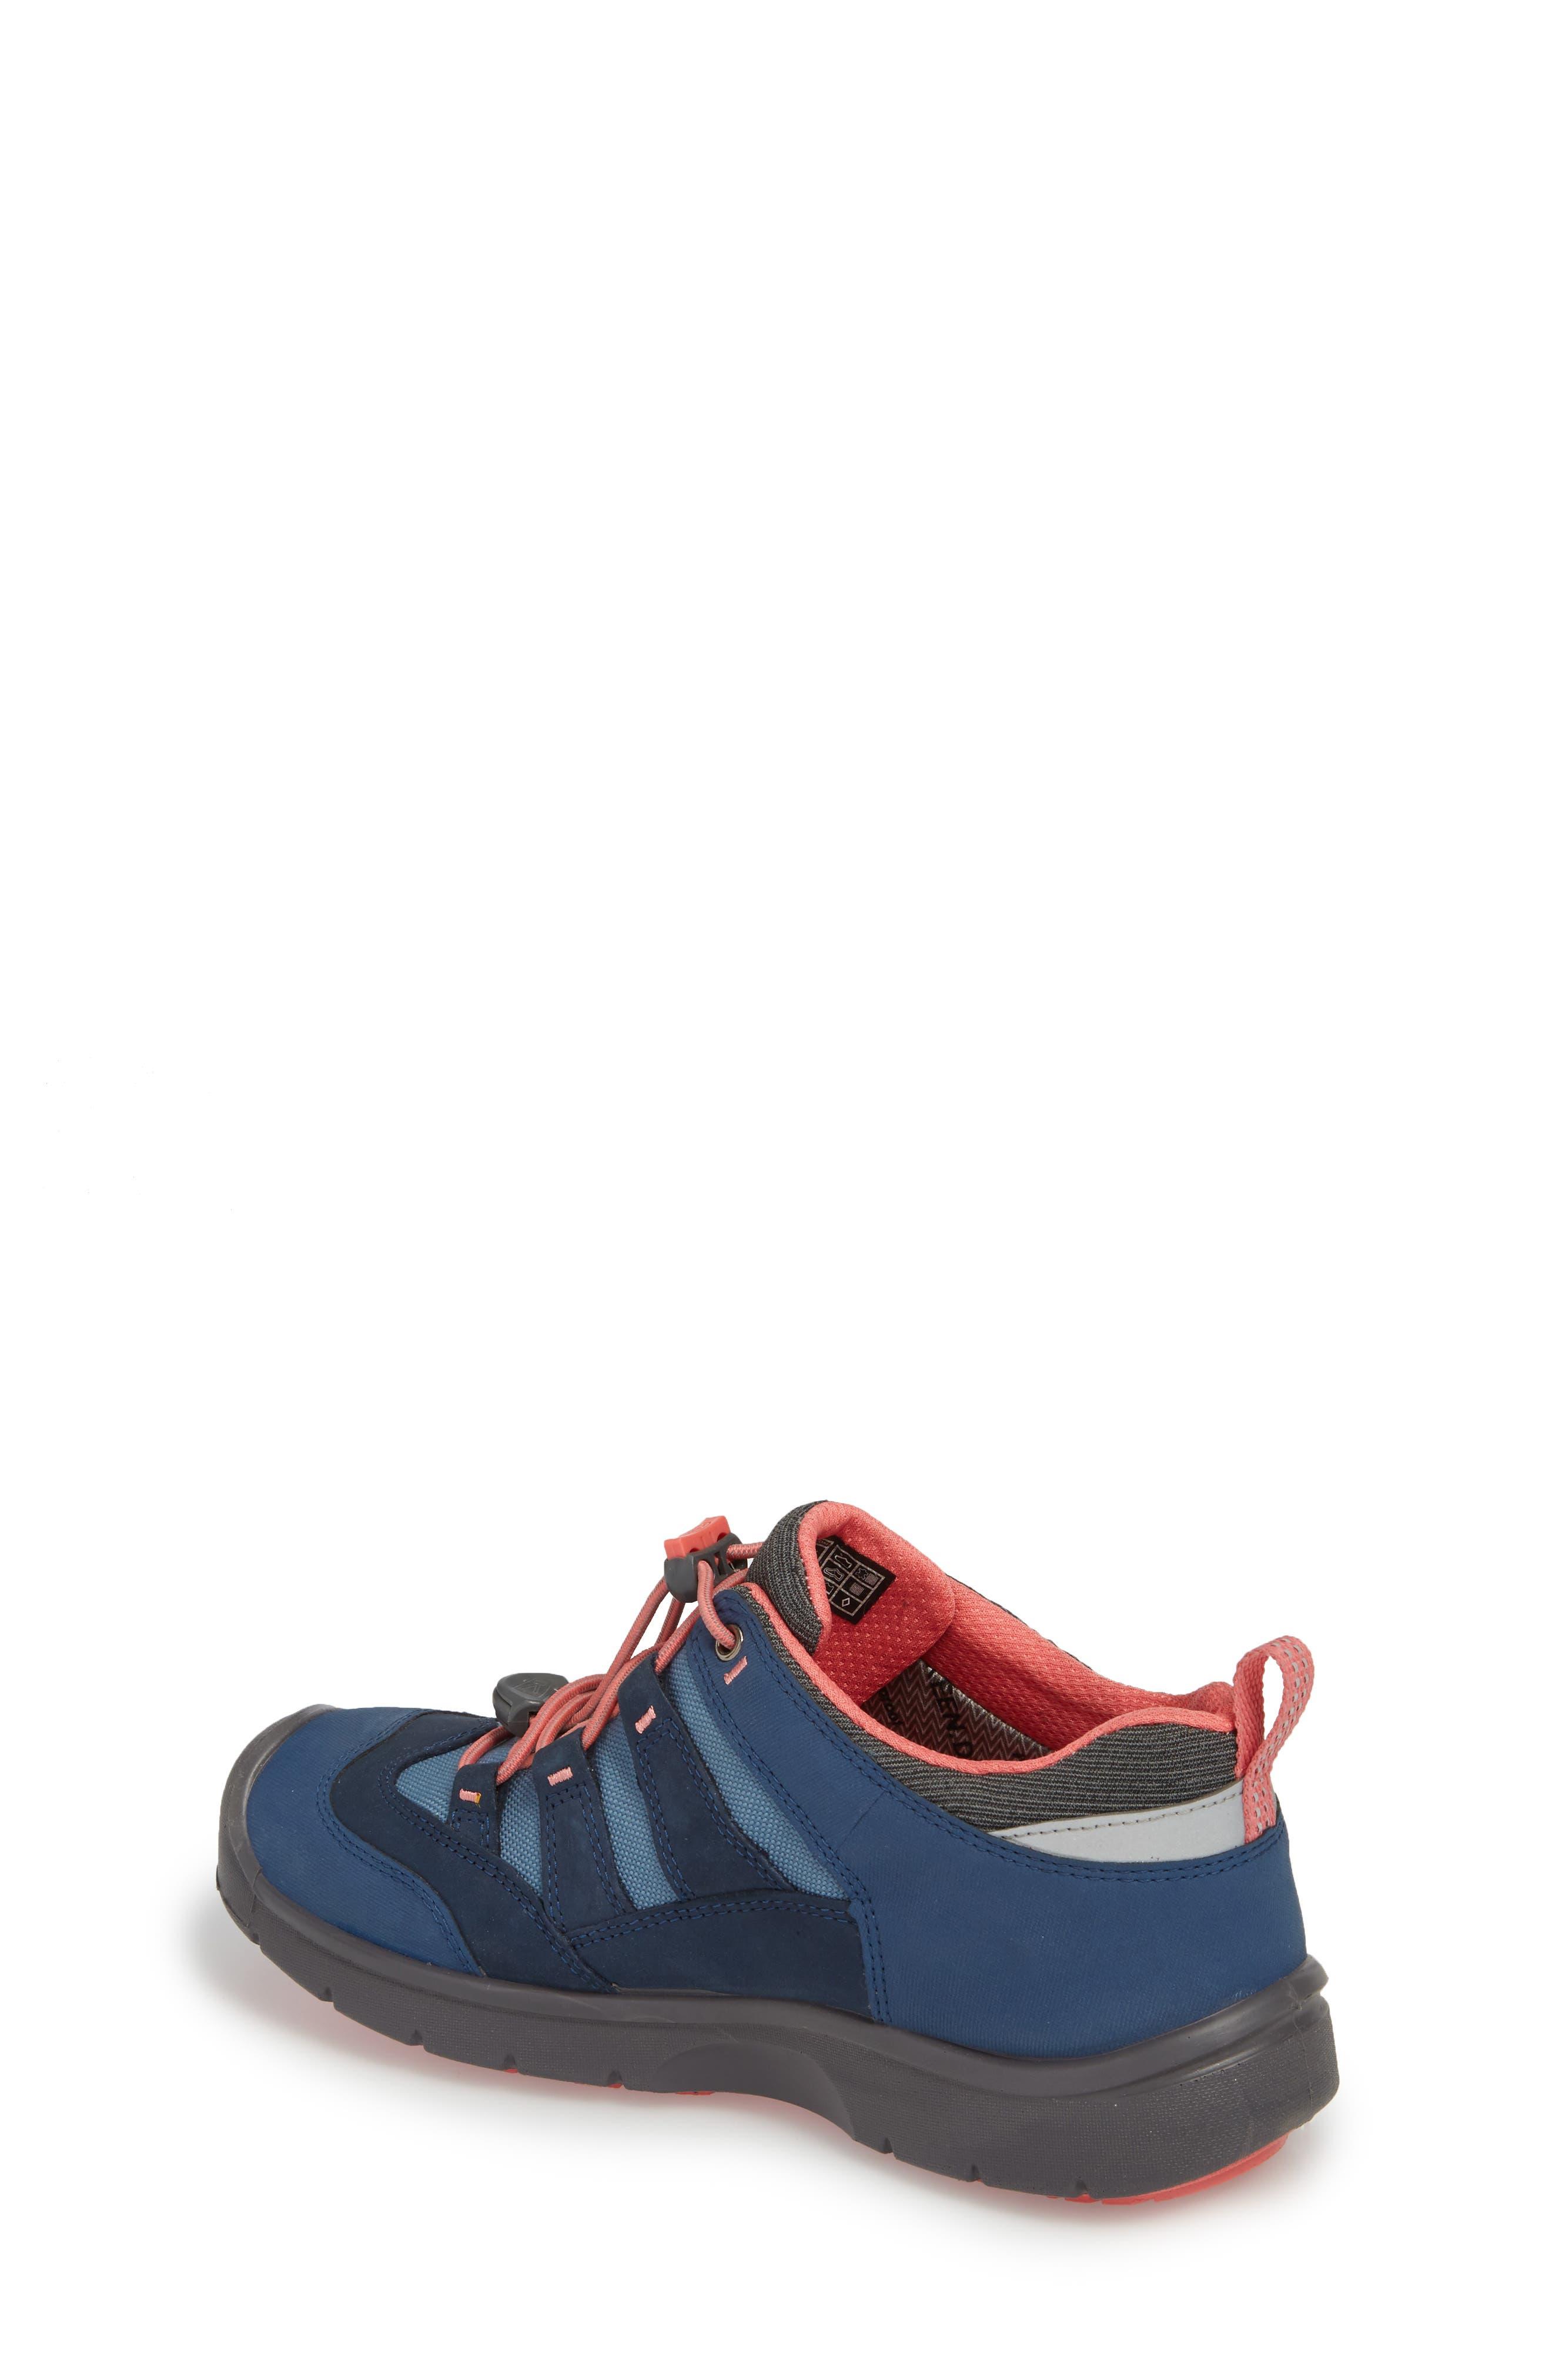 Alternate Image 2  - Keen Hikeport Waterproof Sneaker (Toddler, Little Kid & Big Kid)